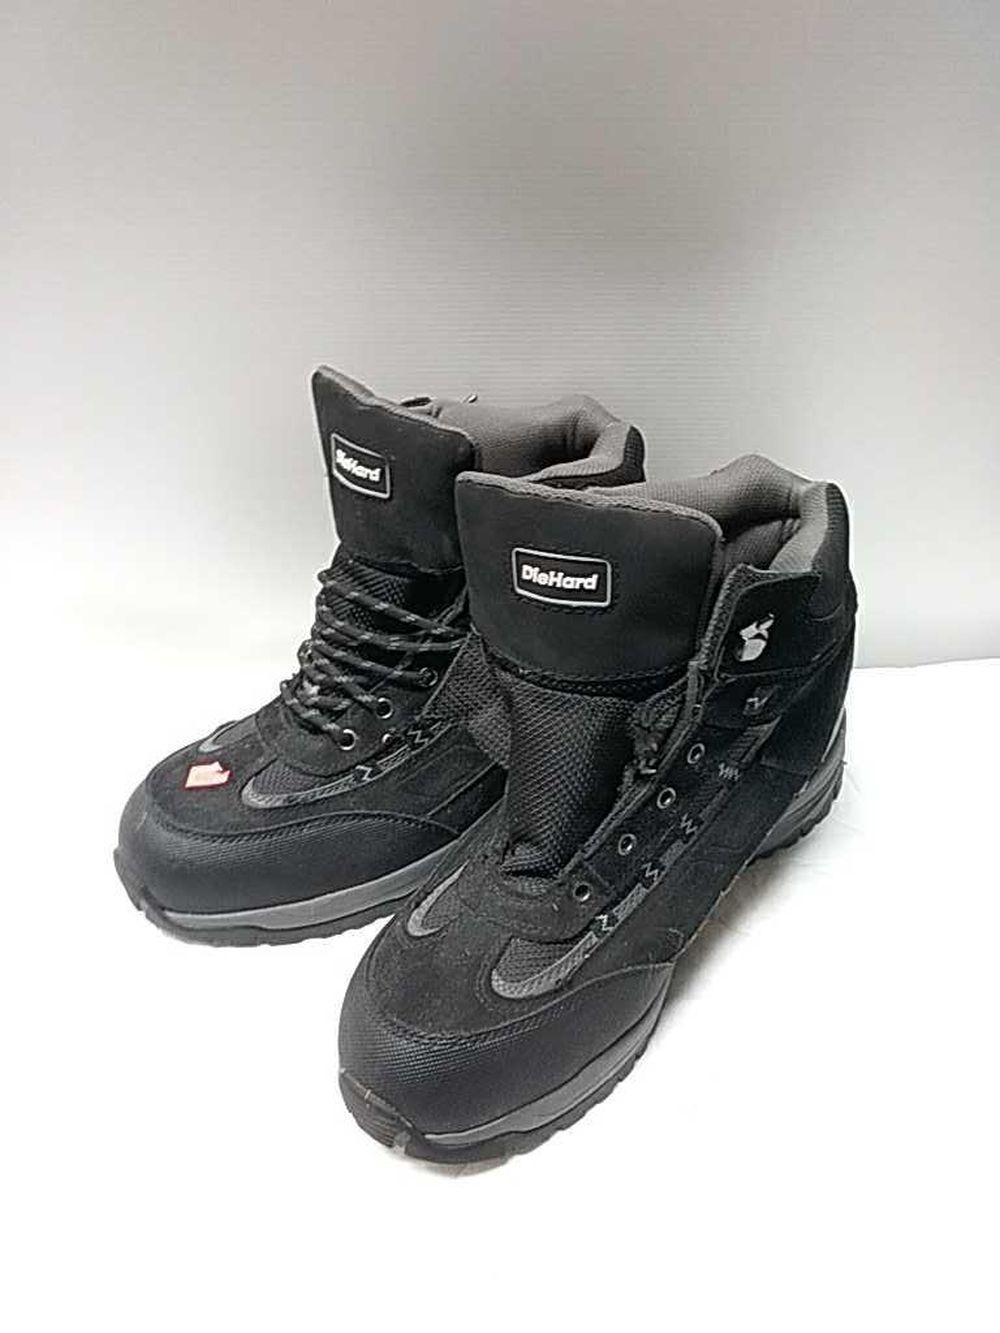 Diehard Steel toe boots - Invalid date MST